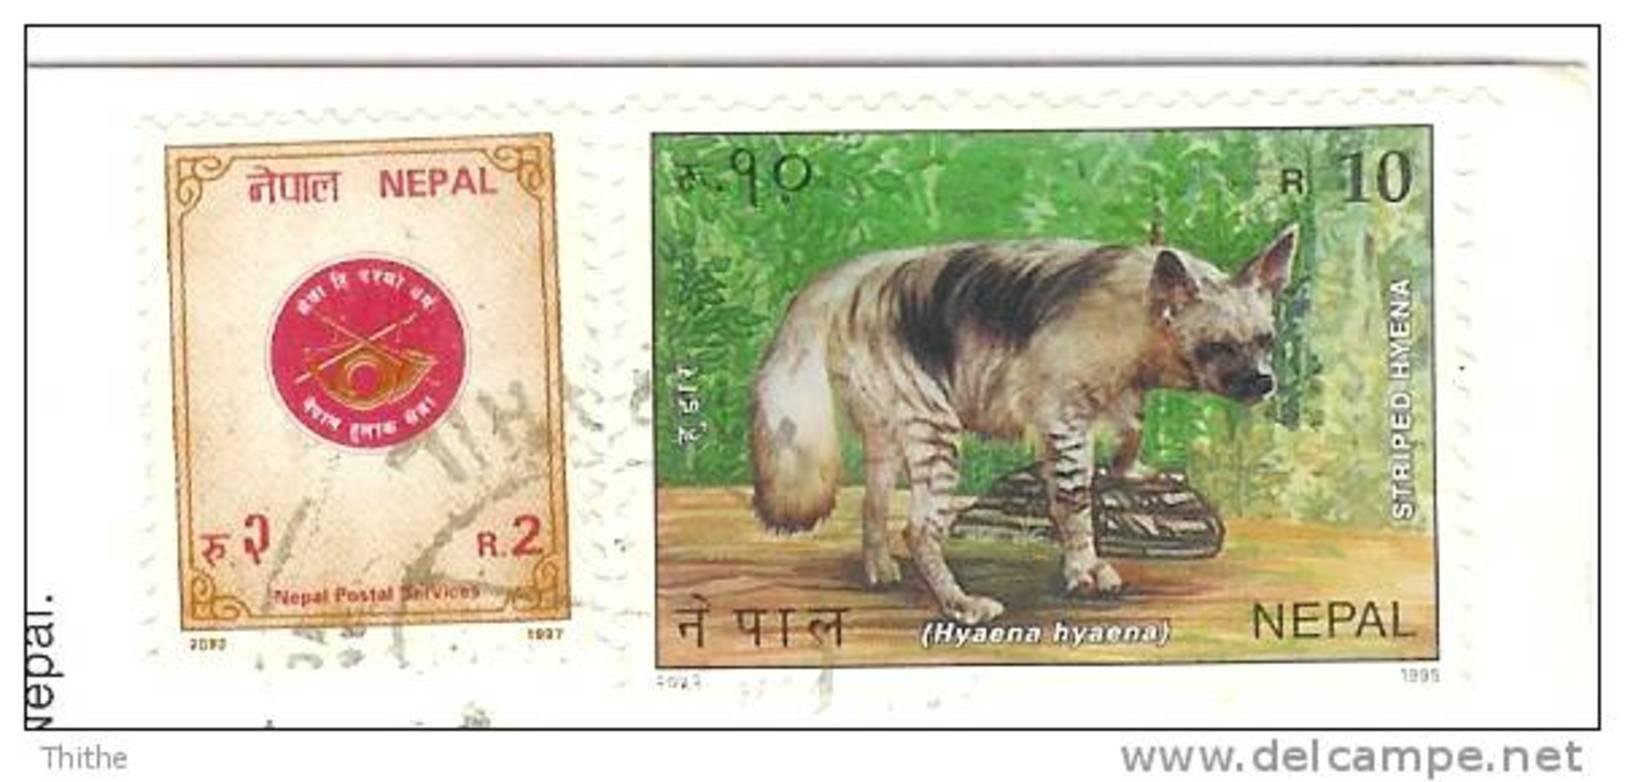 NEPAL Kumari, The Living Godess - Nepal